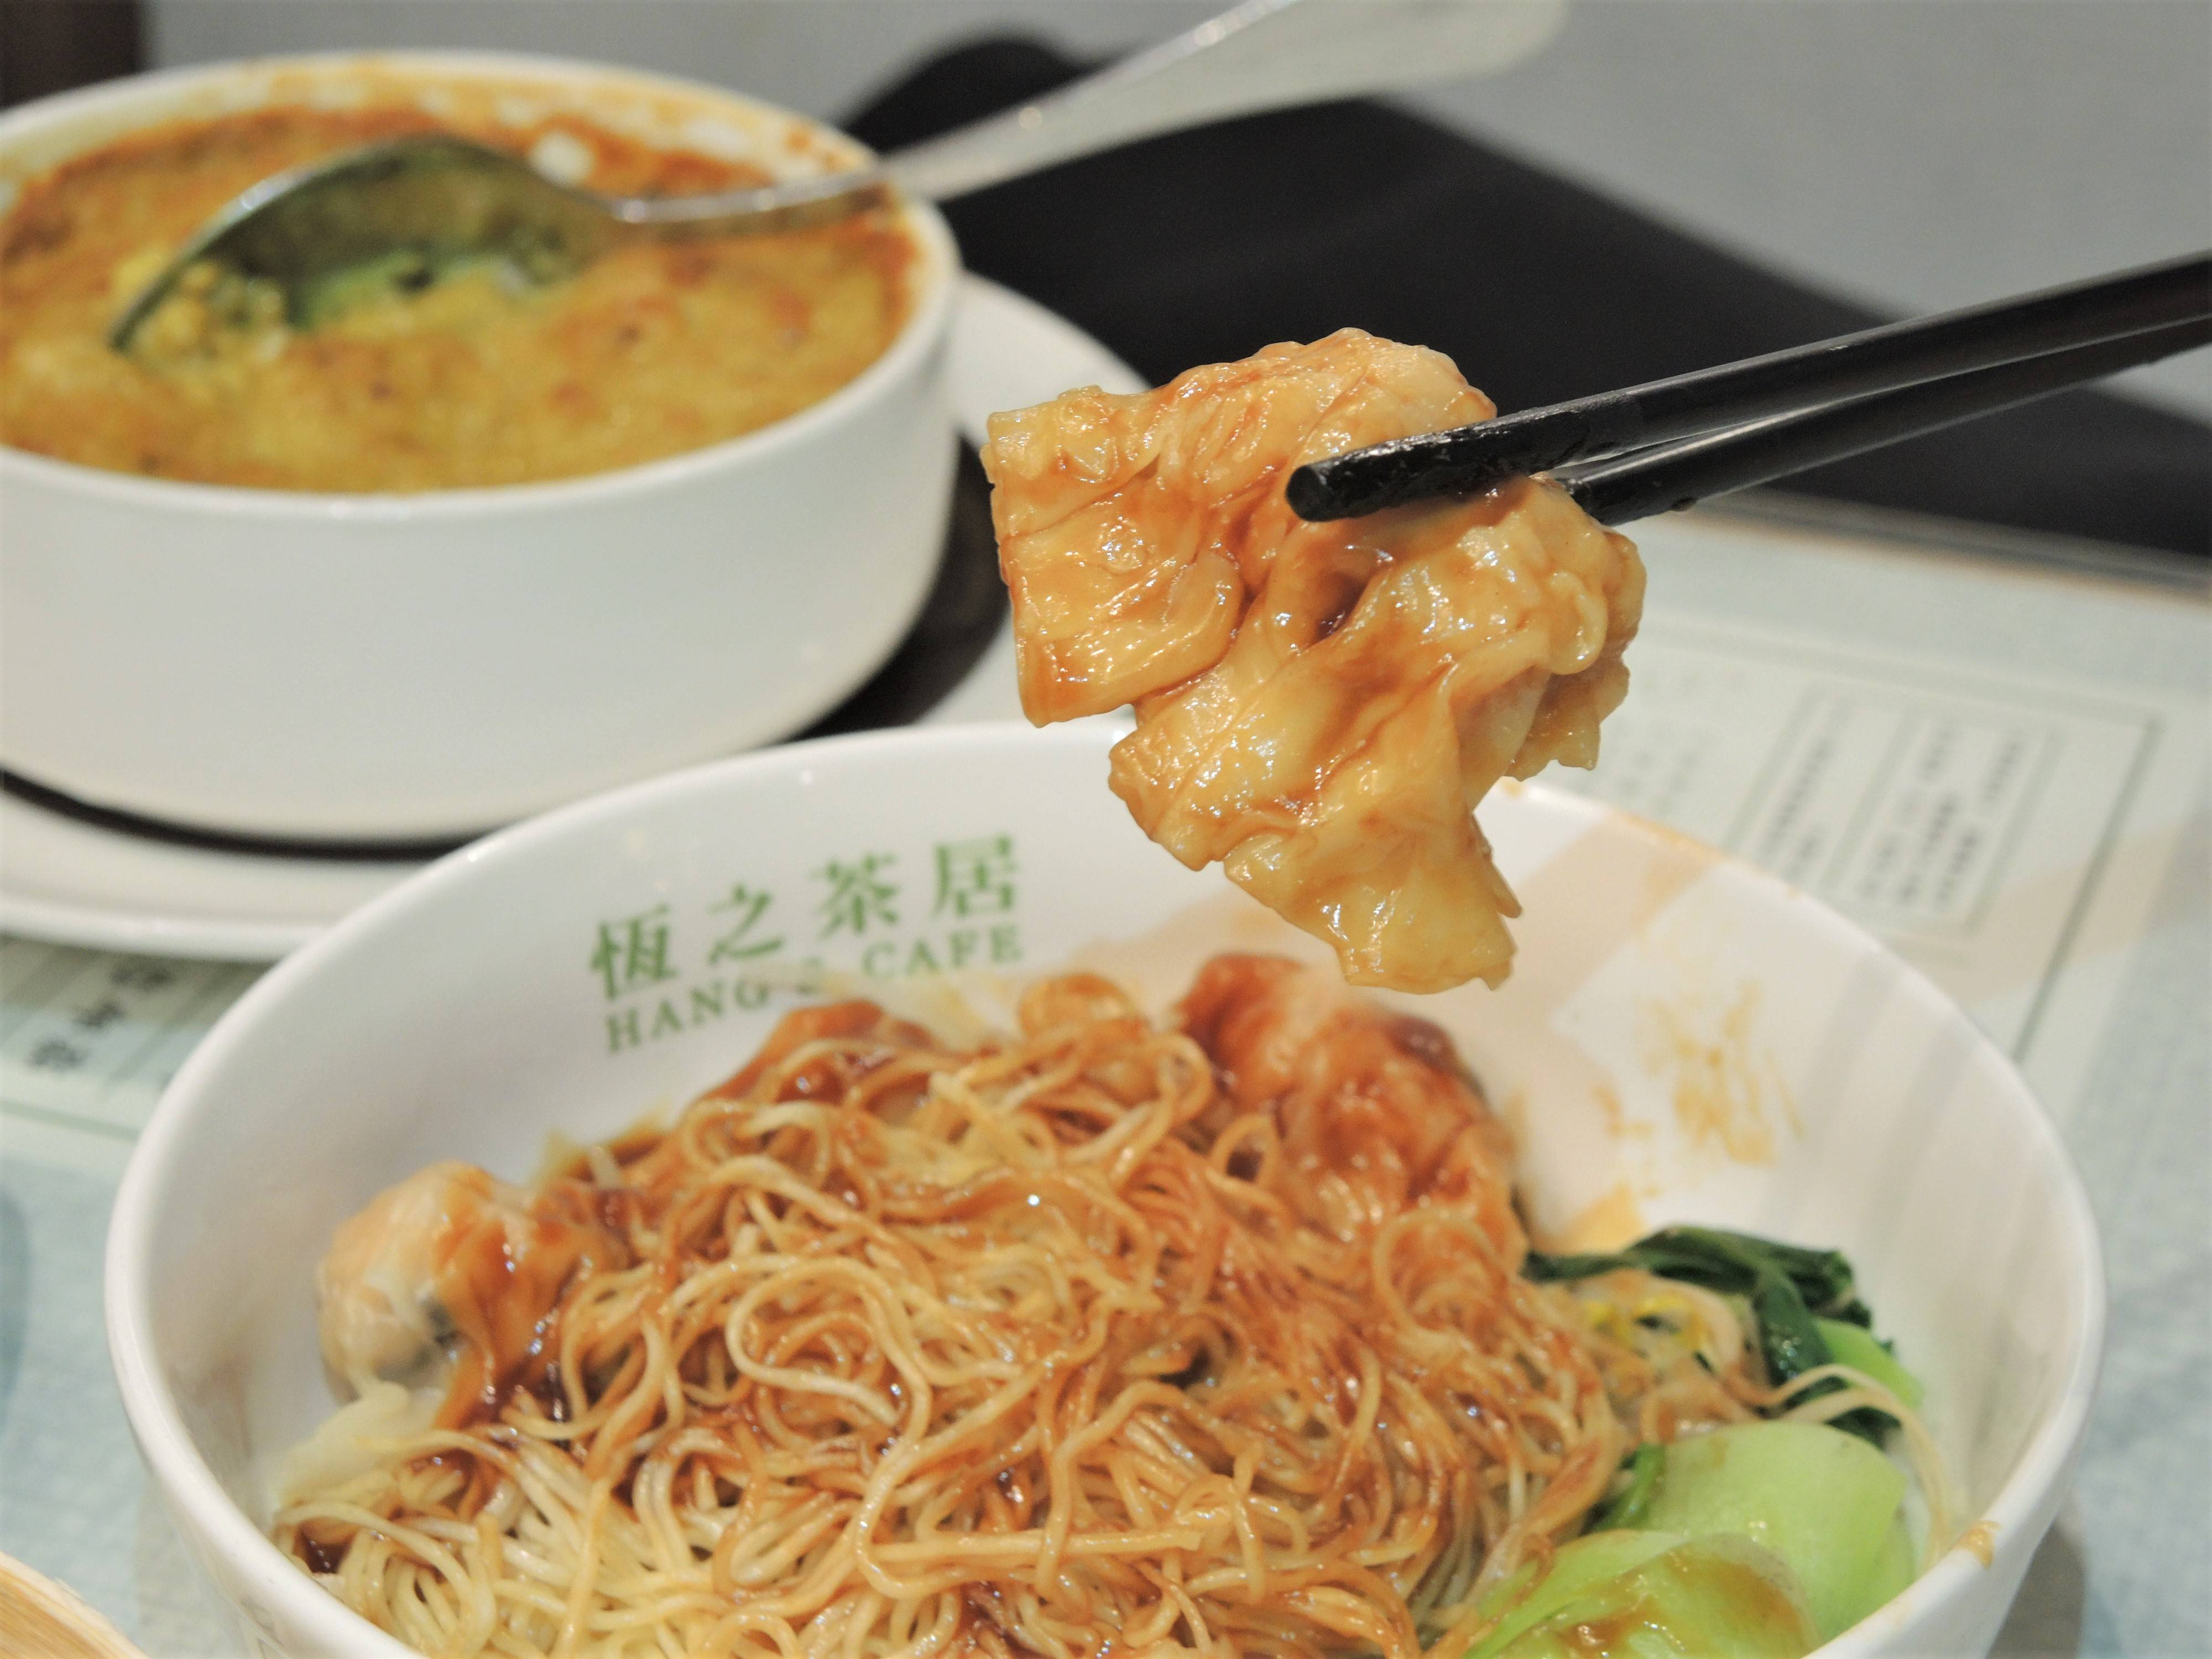 恆之茶居 Hang's Cafe